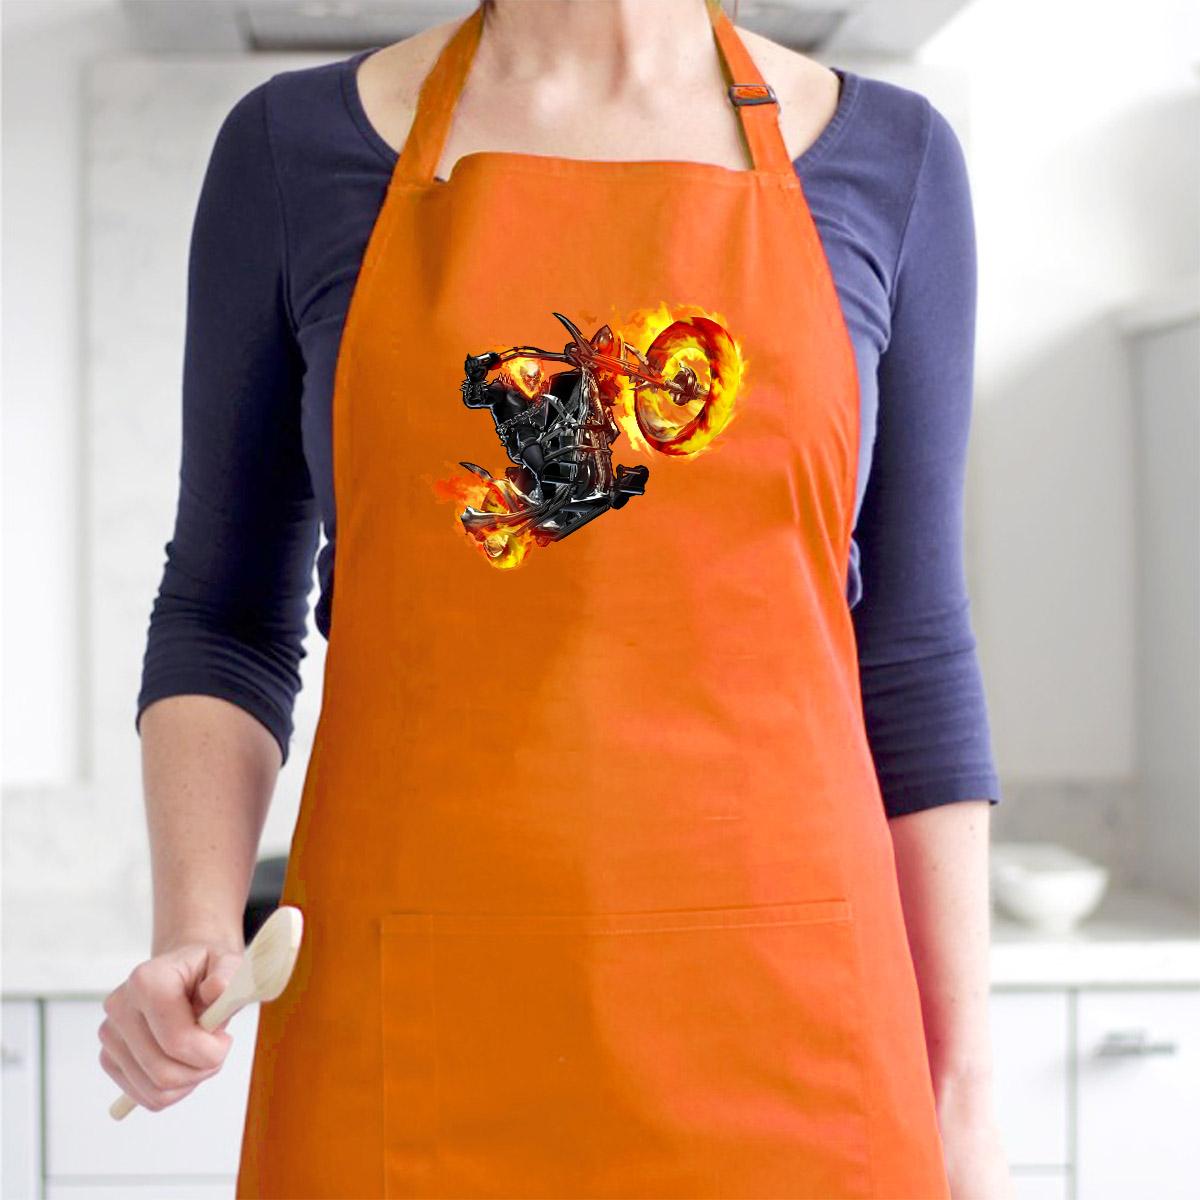 Tạp Dề Làm Bếp In Hình Bóng Ma Tốc Độ Ghost - Mẫu007